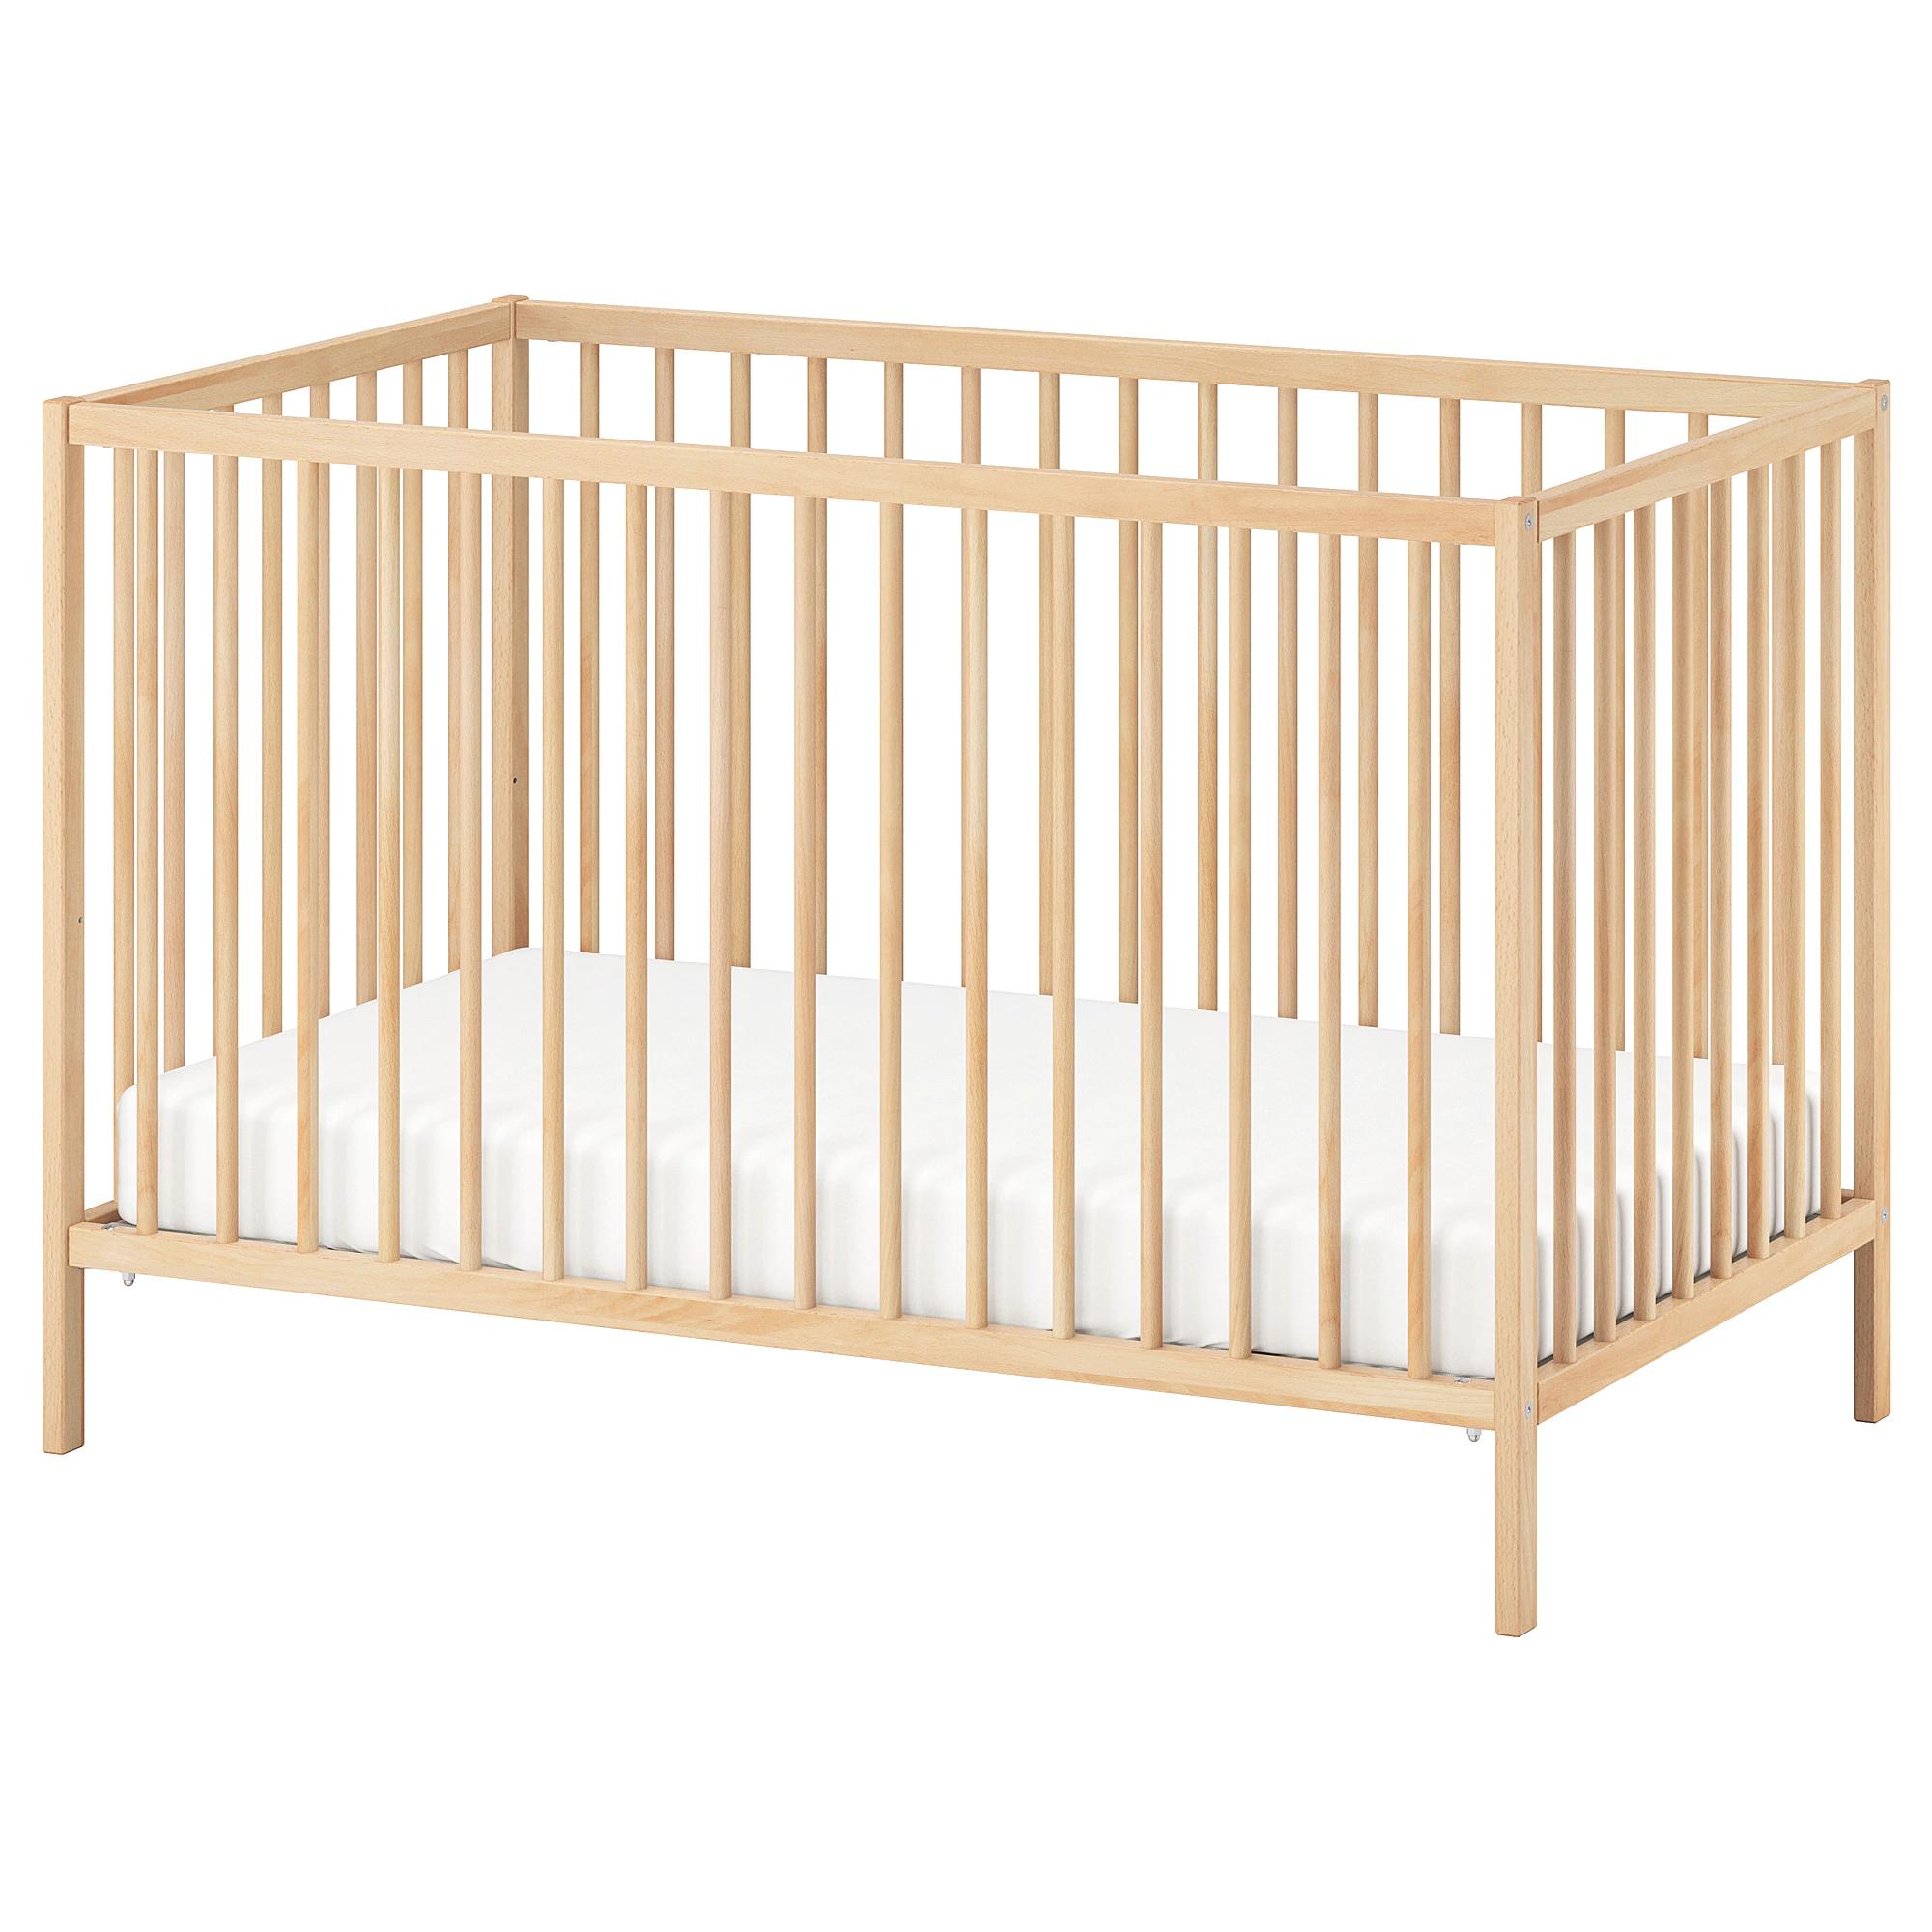 Sniglar Crib Beech 27 1 2x52 Ikea Baby Ikea Crib Ikea Baby